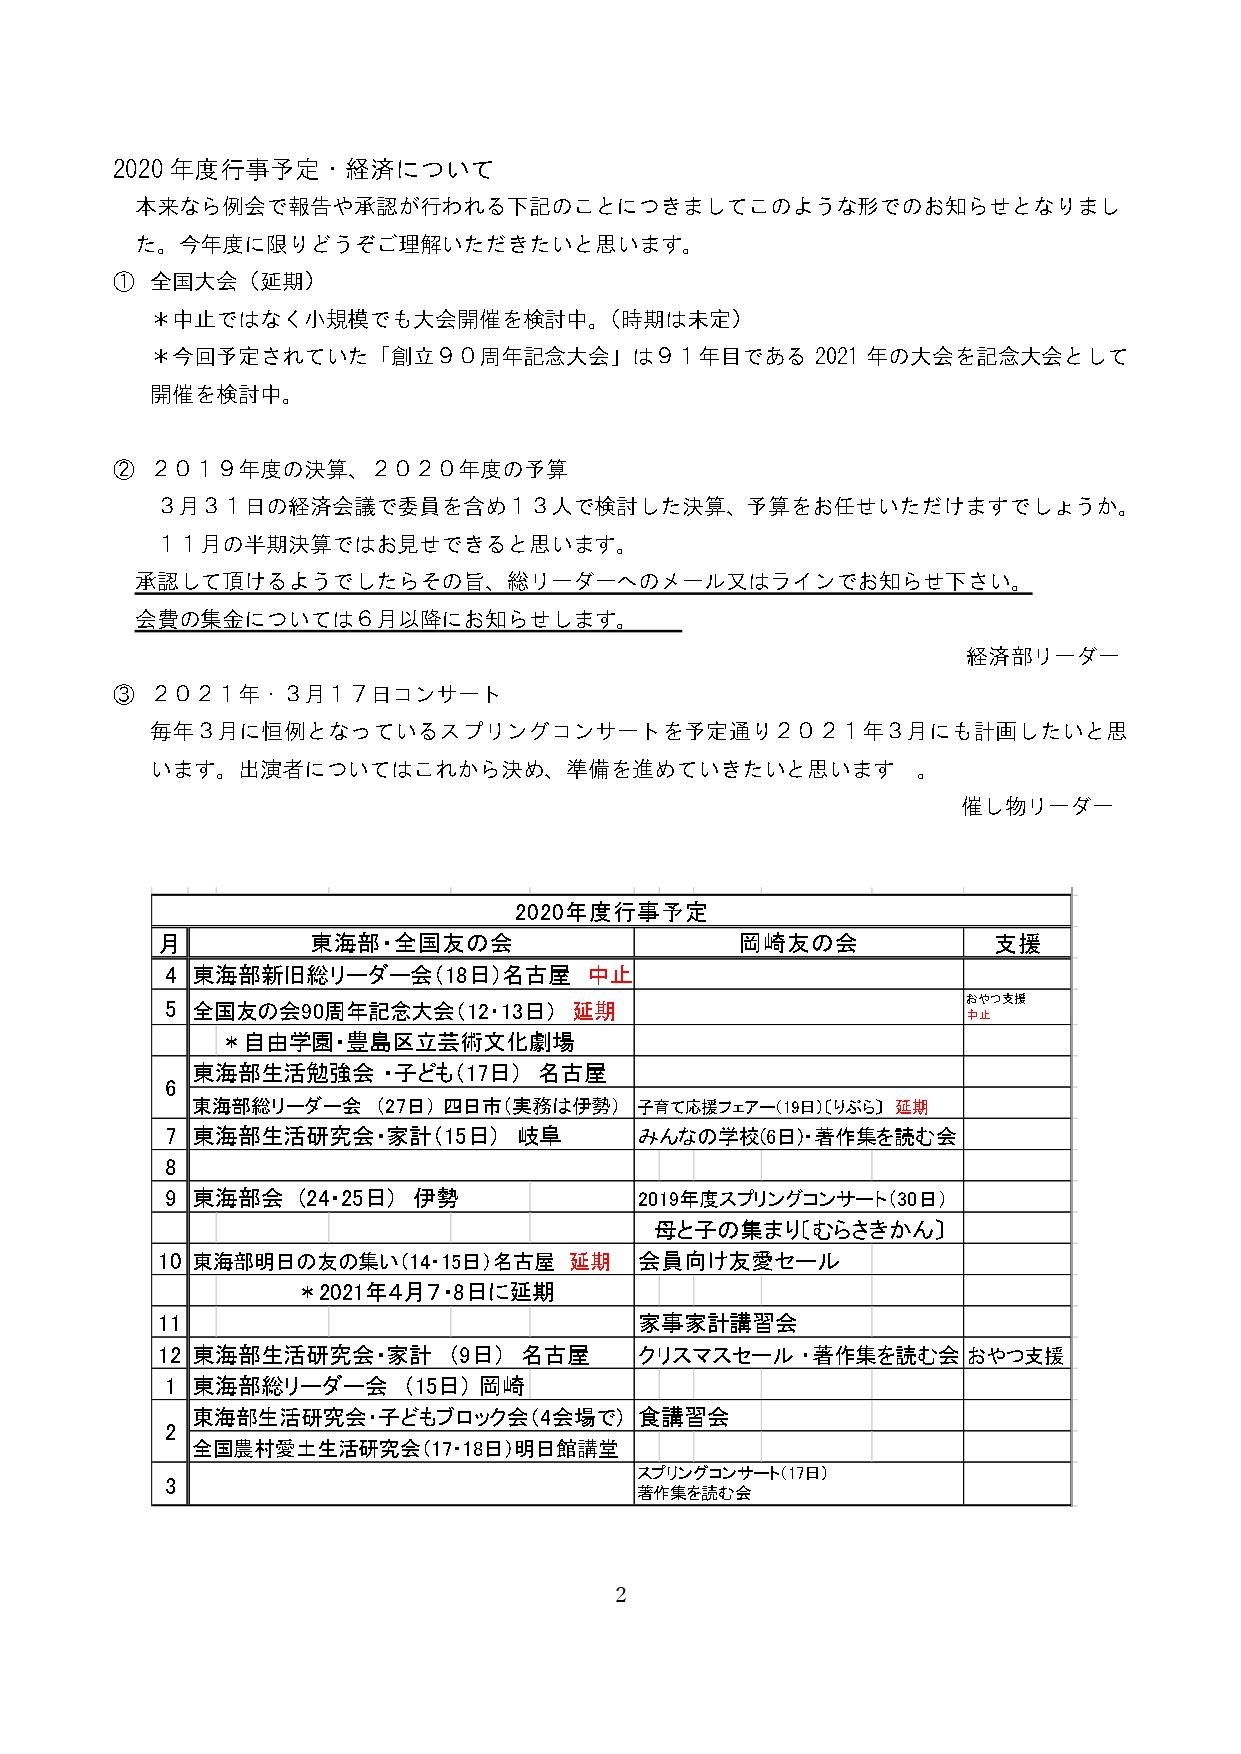 2020年度スローガンと方針・行事予定 (1)_page-0002